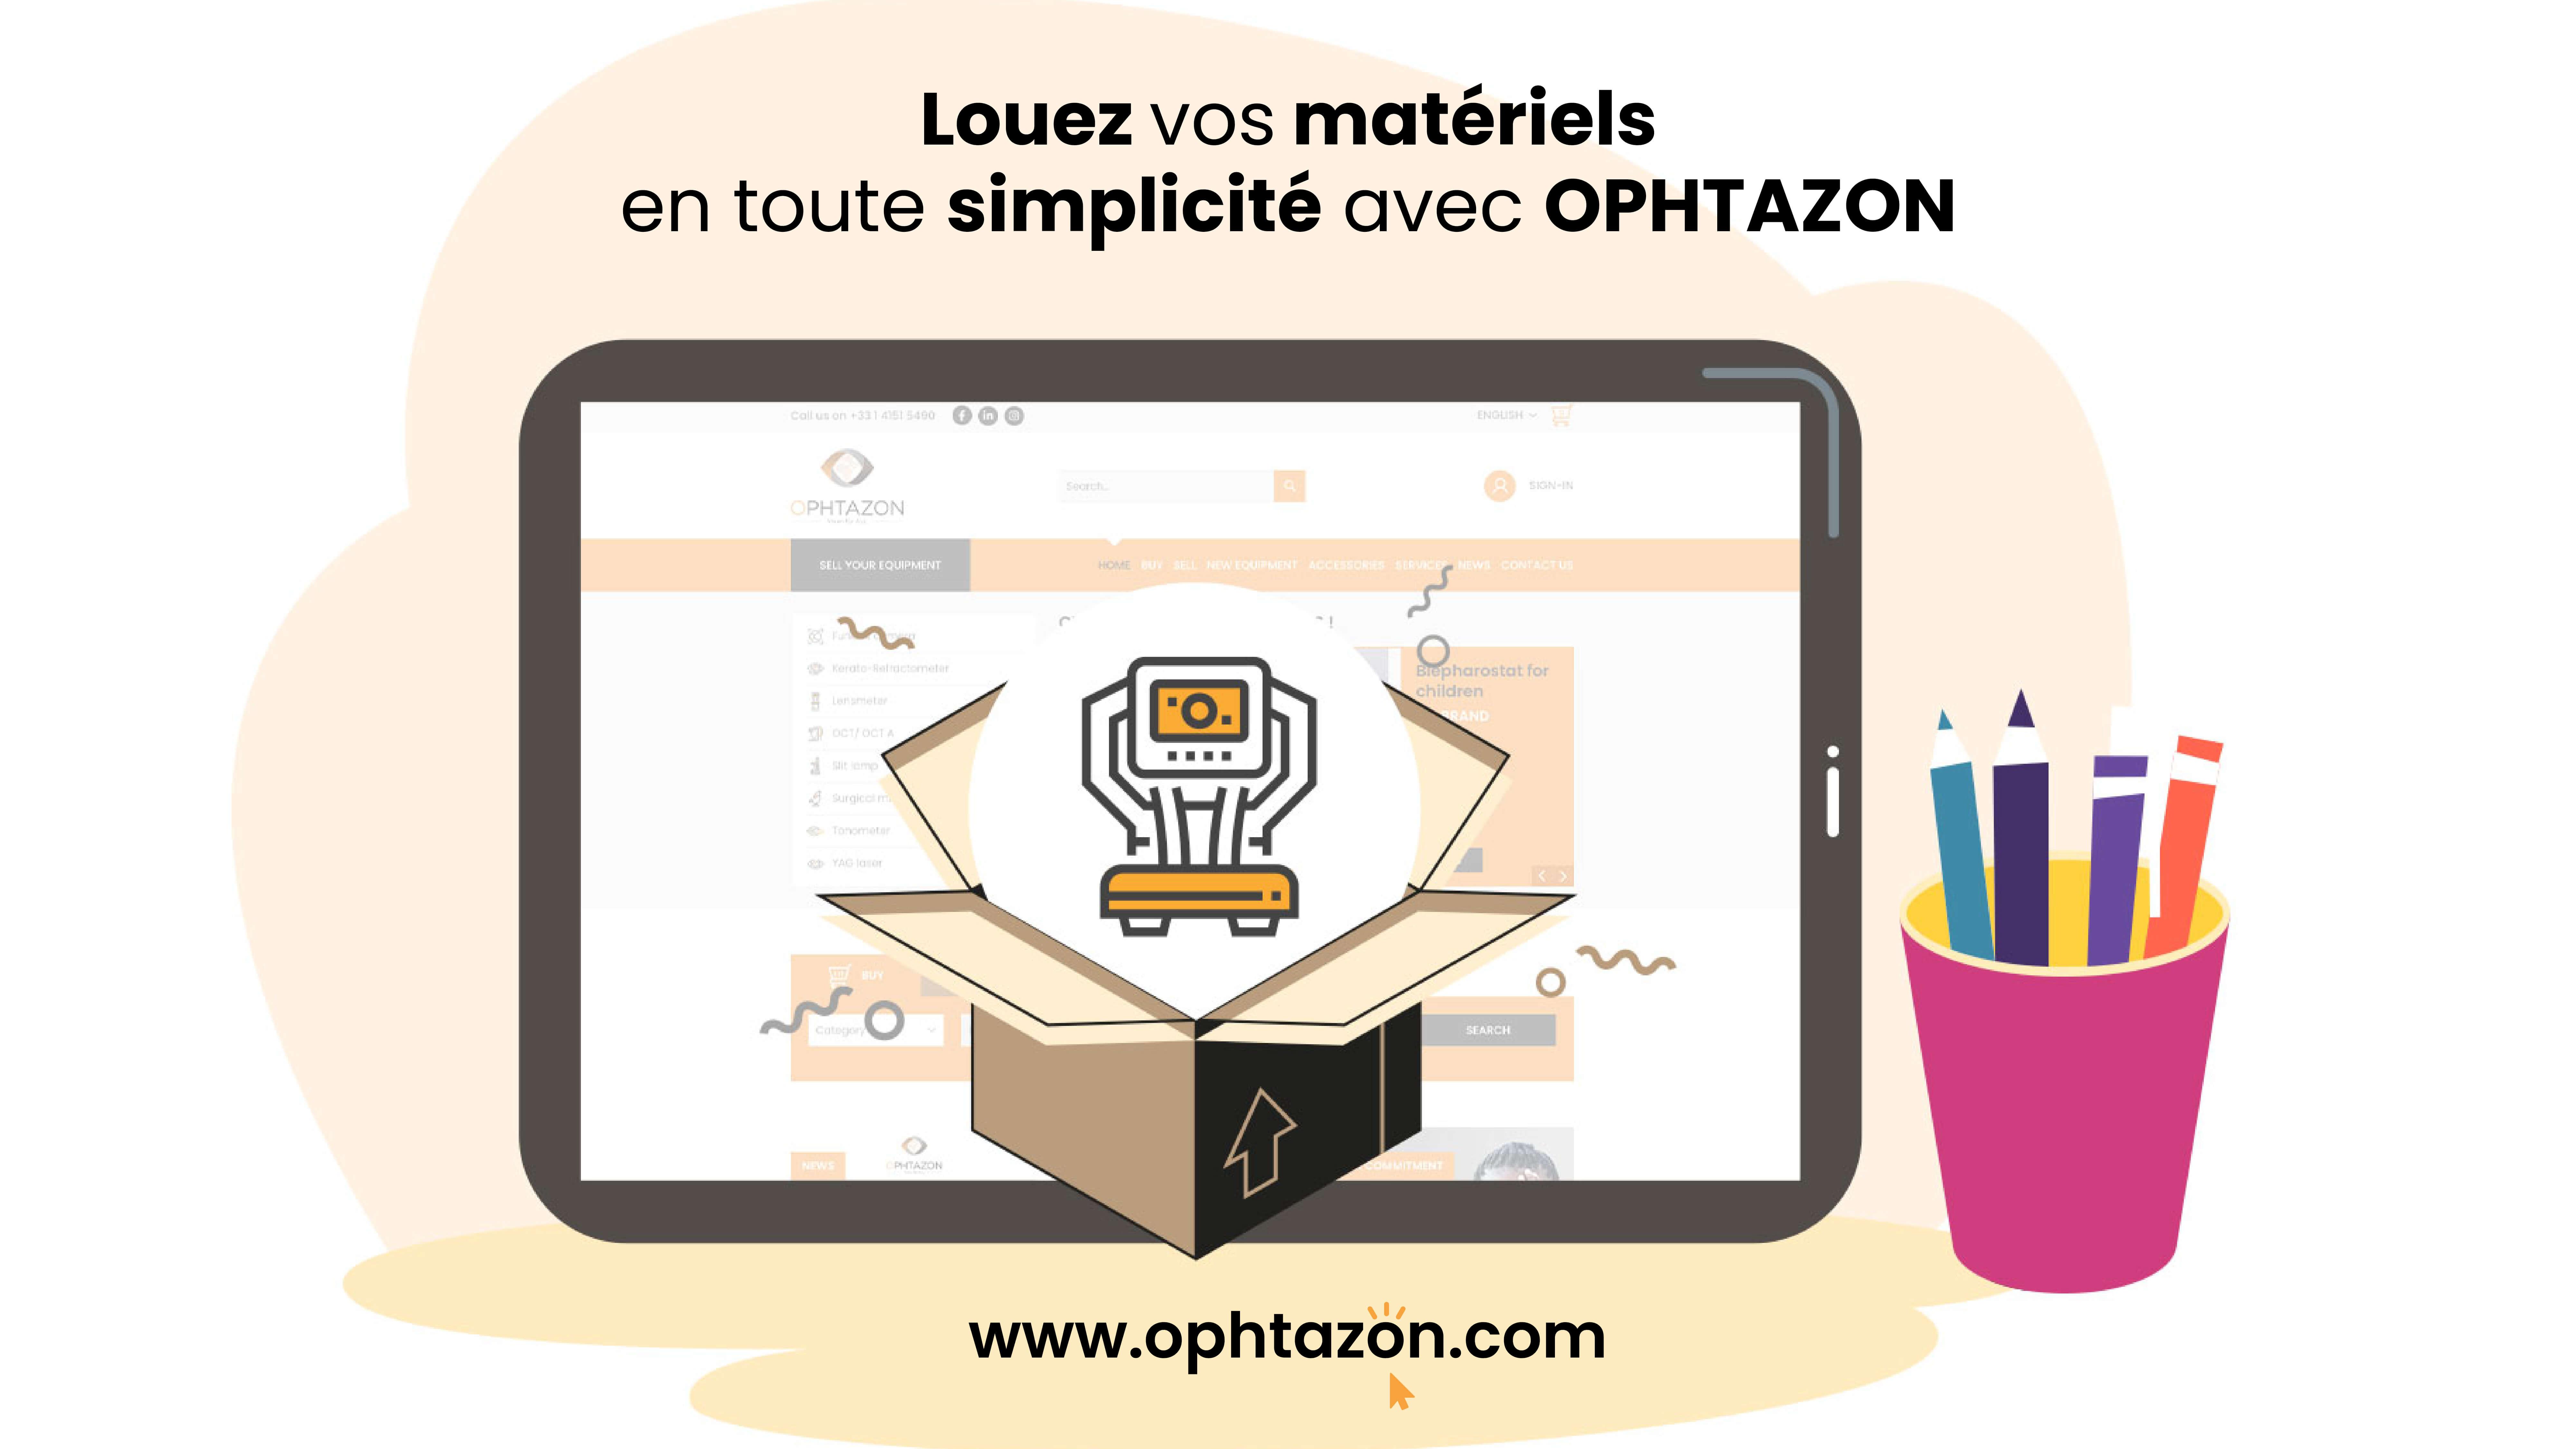 Louez vos matériels  en toute simplicité avec OPHTAZON